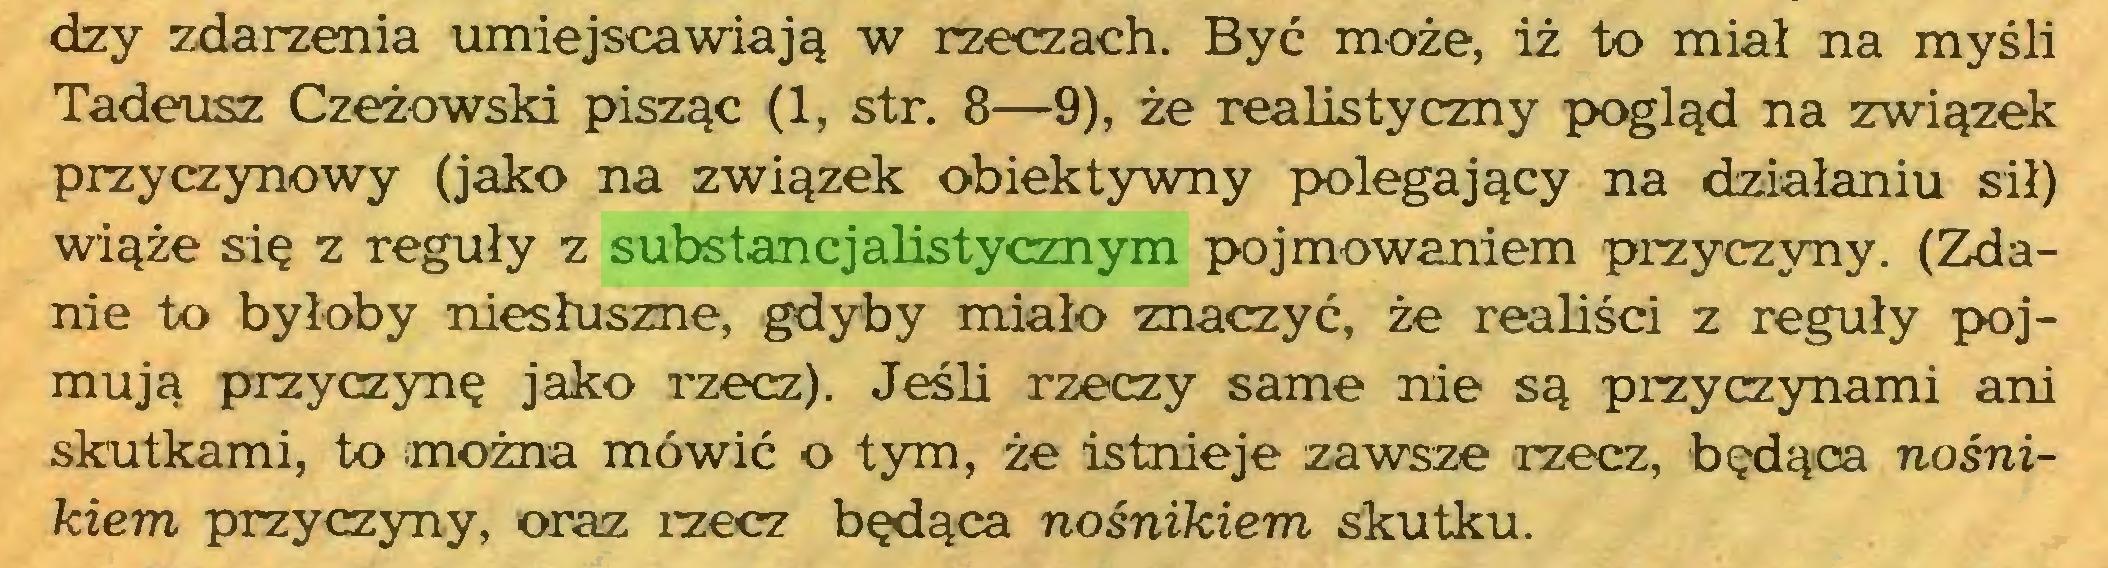 (...) dzy zdarzenia umiejscawiają w rzeczach. Być może, iż to miał na myśli Tadeusz Czeżowski pisząc (1, str. 8—9), że realistyczny pogląd na związek przyczynowy (jako na związek obiektywny polegający na działaniu sił) wiąże się z reguły z substancjalistycznym pojmowaniem przyczyny. (Zdanie to byłoby niesłuszne, gdyby miało znaczyć, że realiści z reguły pojmują przyczynę jako rzecz). Jeśli rzeczy same nie są przyczynami ani skutkami, to można mówić o tym, że istnieje zawsze rzecz, będąca nośnikiem przyczyny, oraz rzecz będąca nośnikiem skutku...